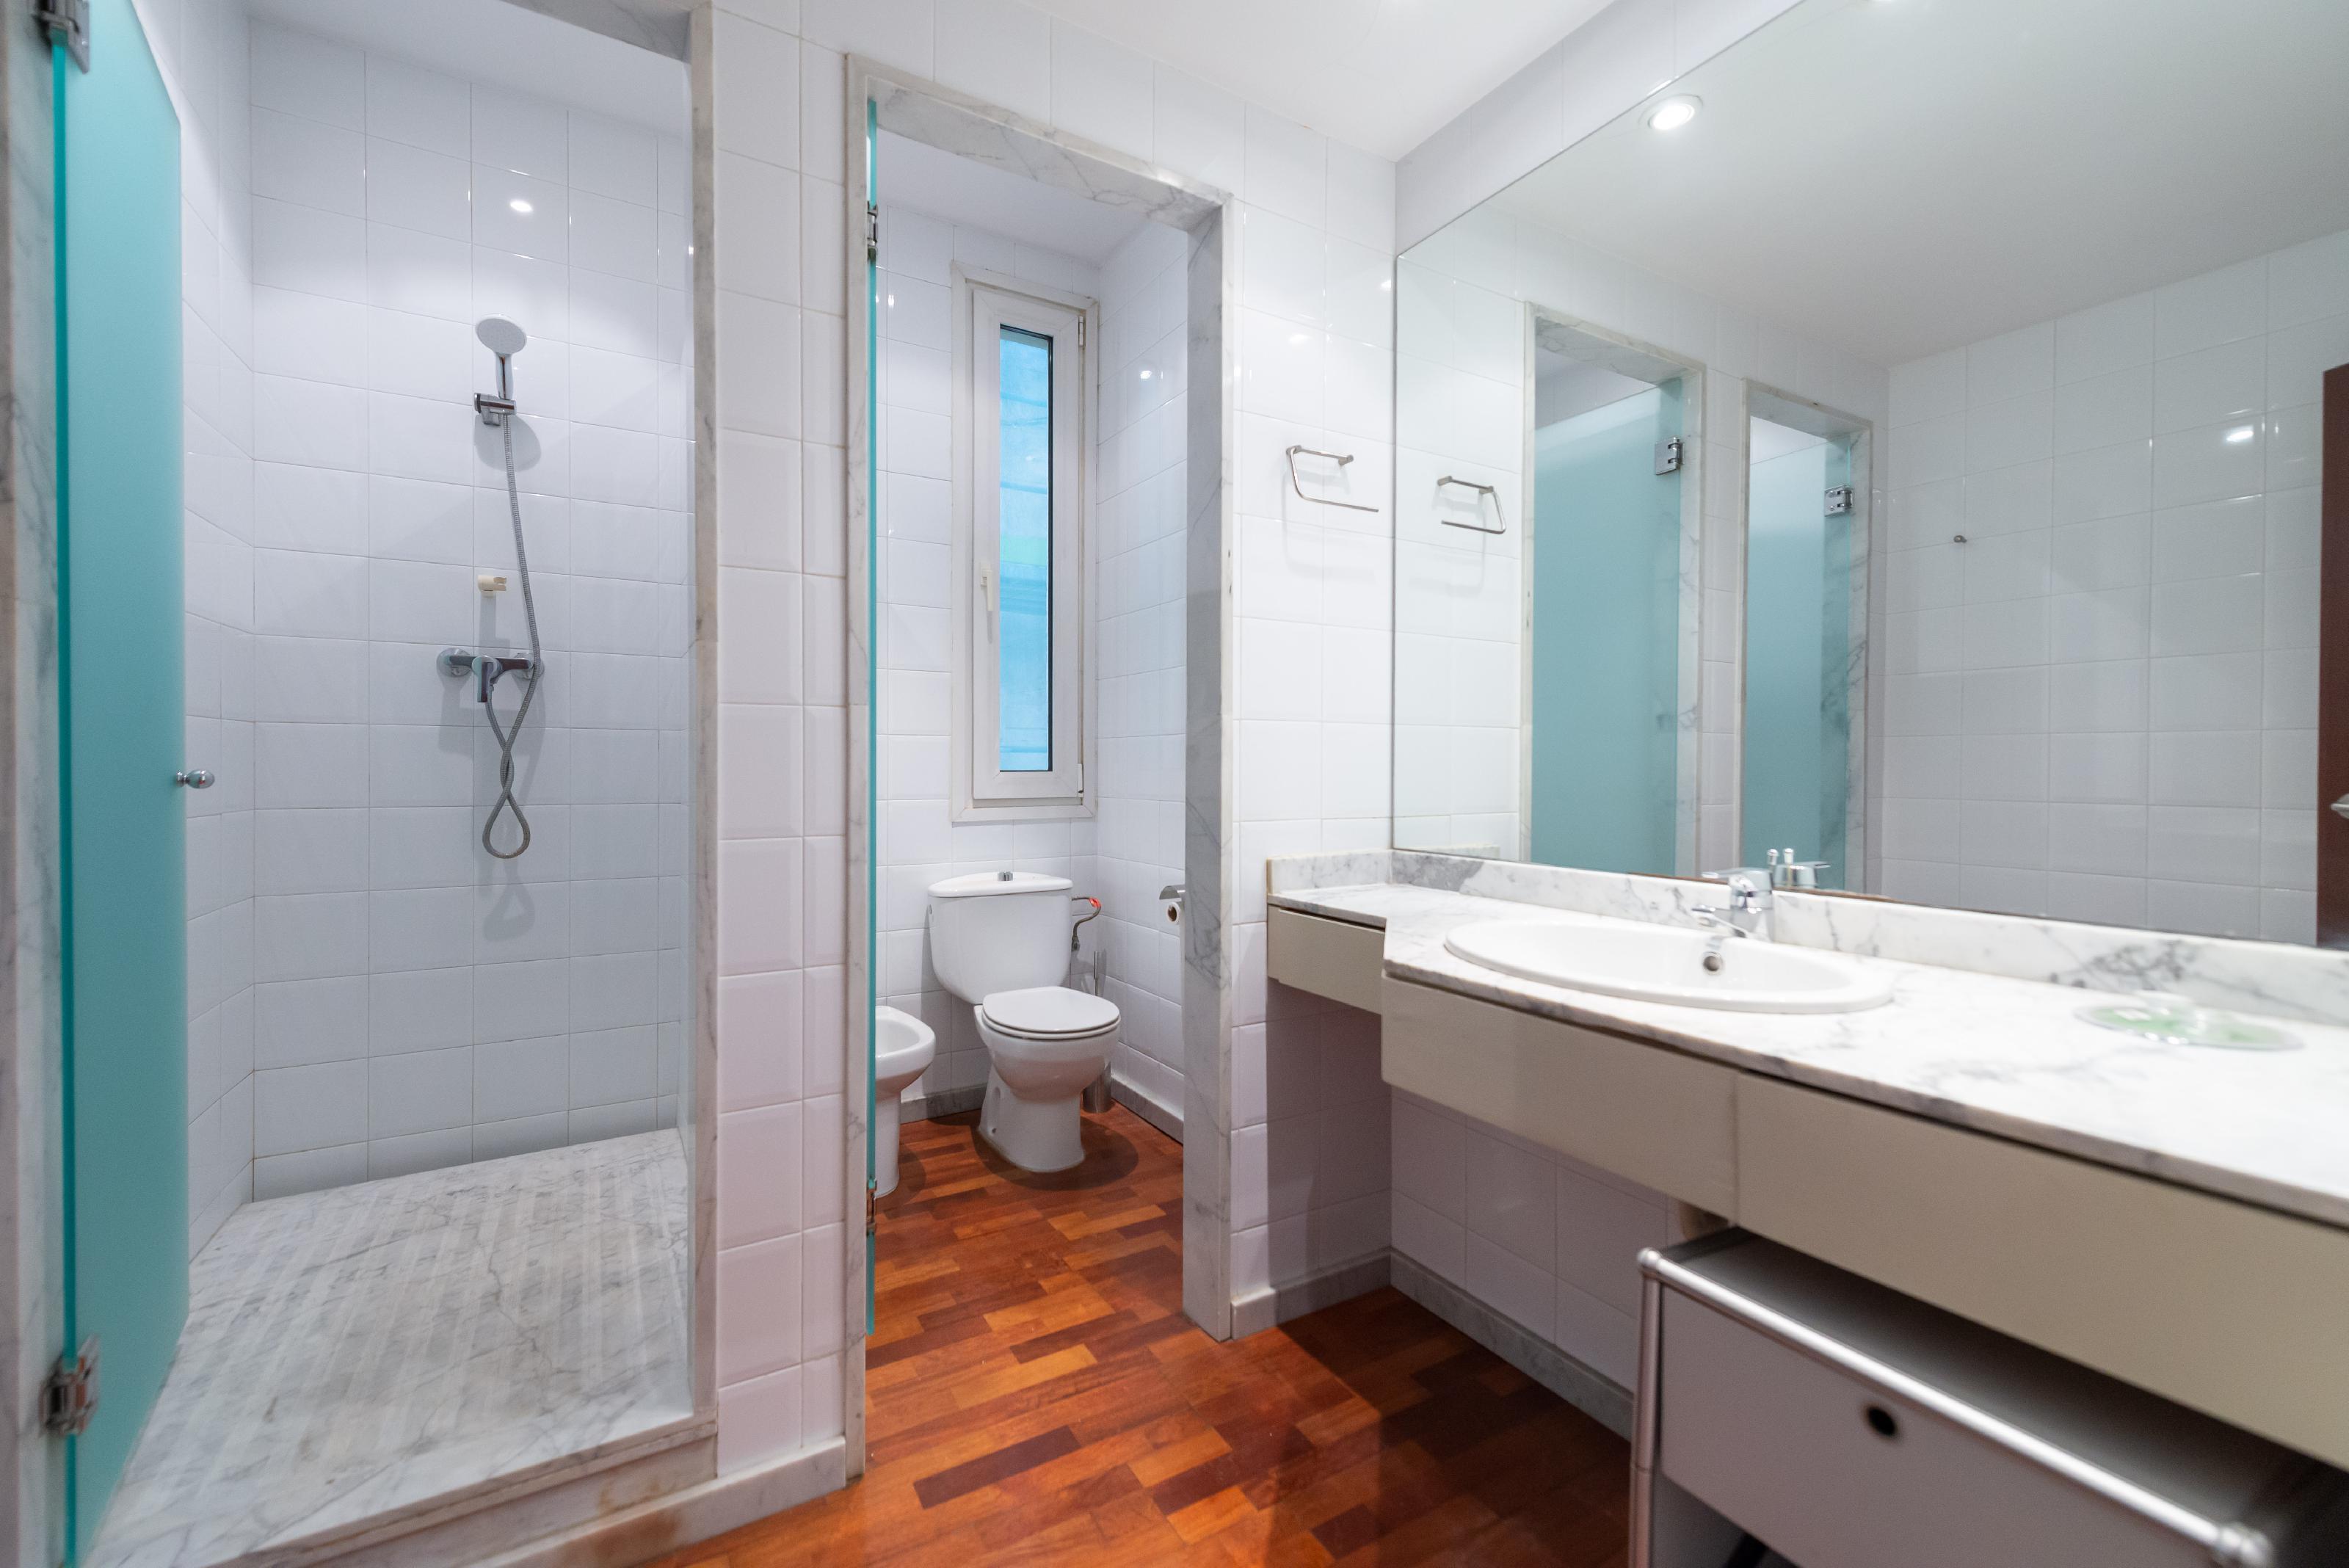 246020 Flat for sale in Sarrià-Sant Gervasi, Sarrià 23